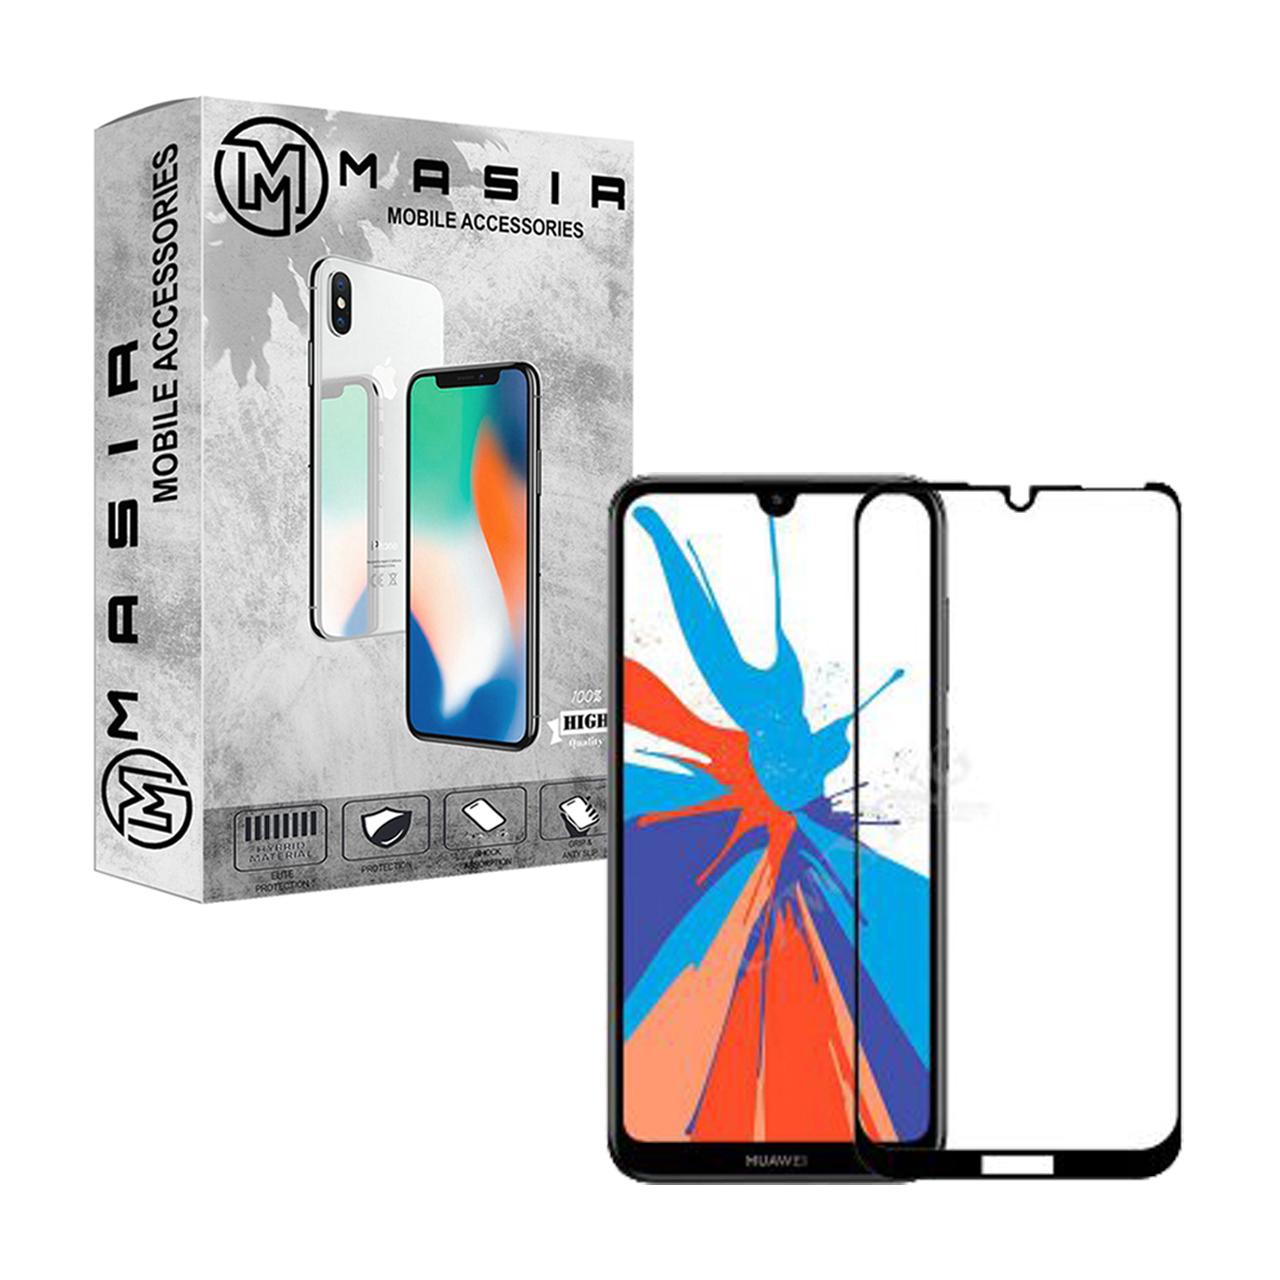 محافظ صفحه نمایش مسیر مدل MGF-1 مناسب برای گوشی موبایل هوآوی Y6 Pro 2019